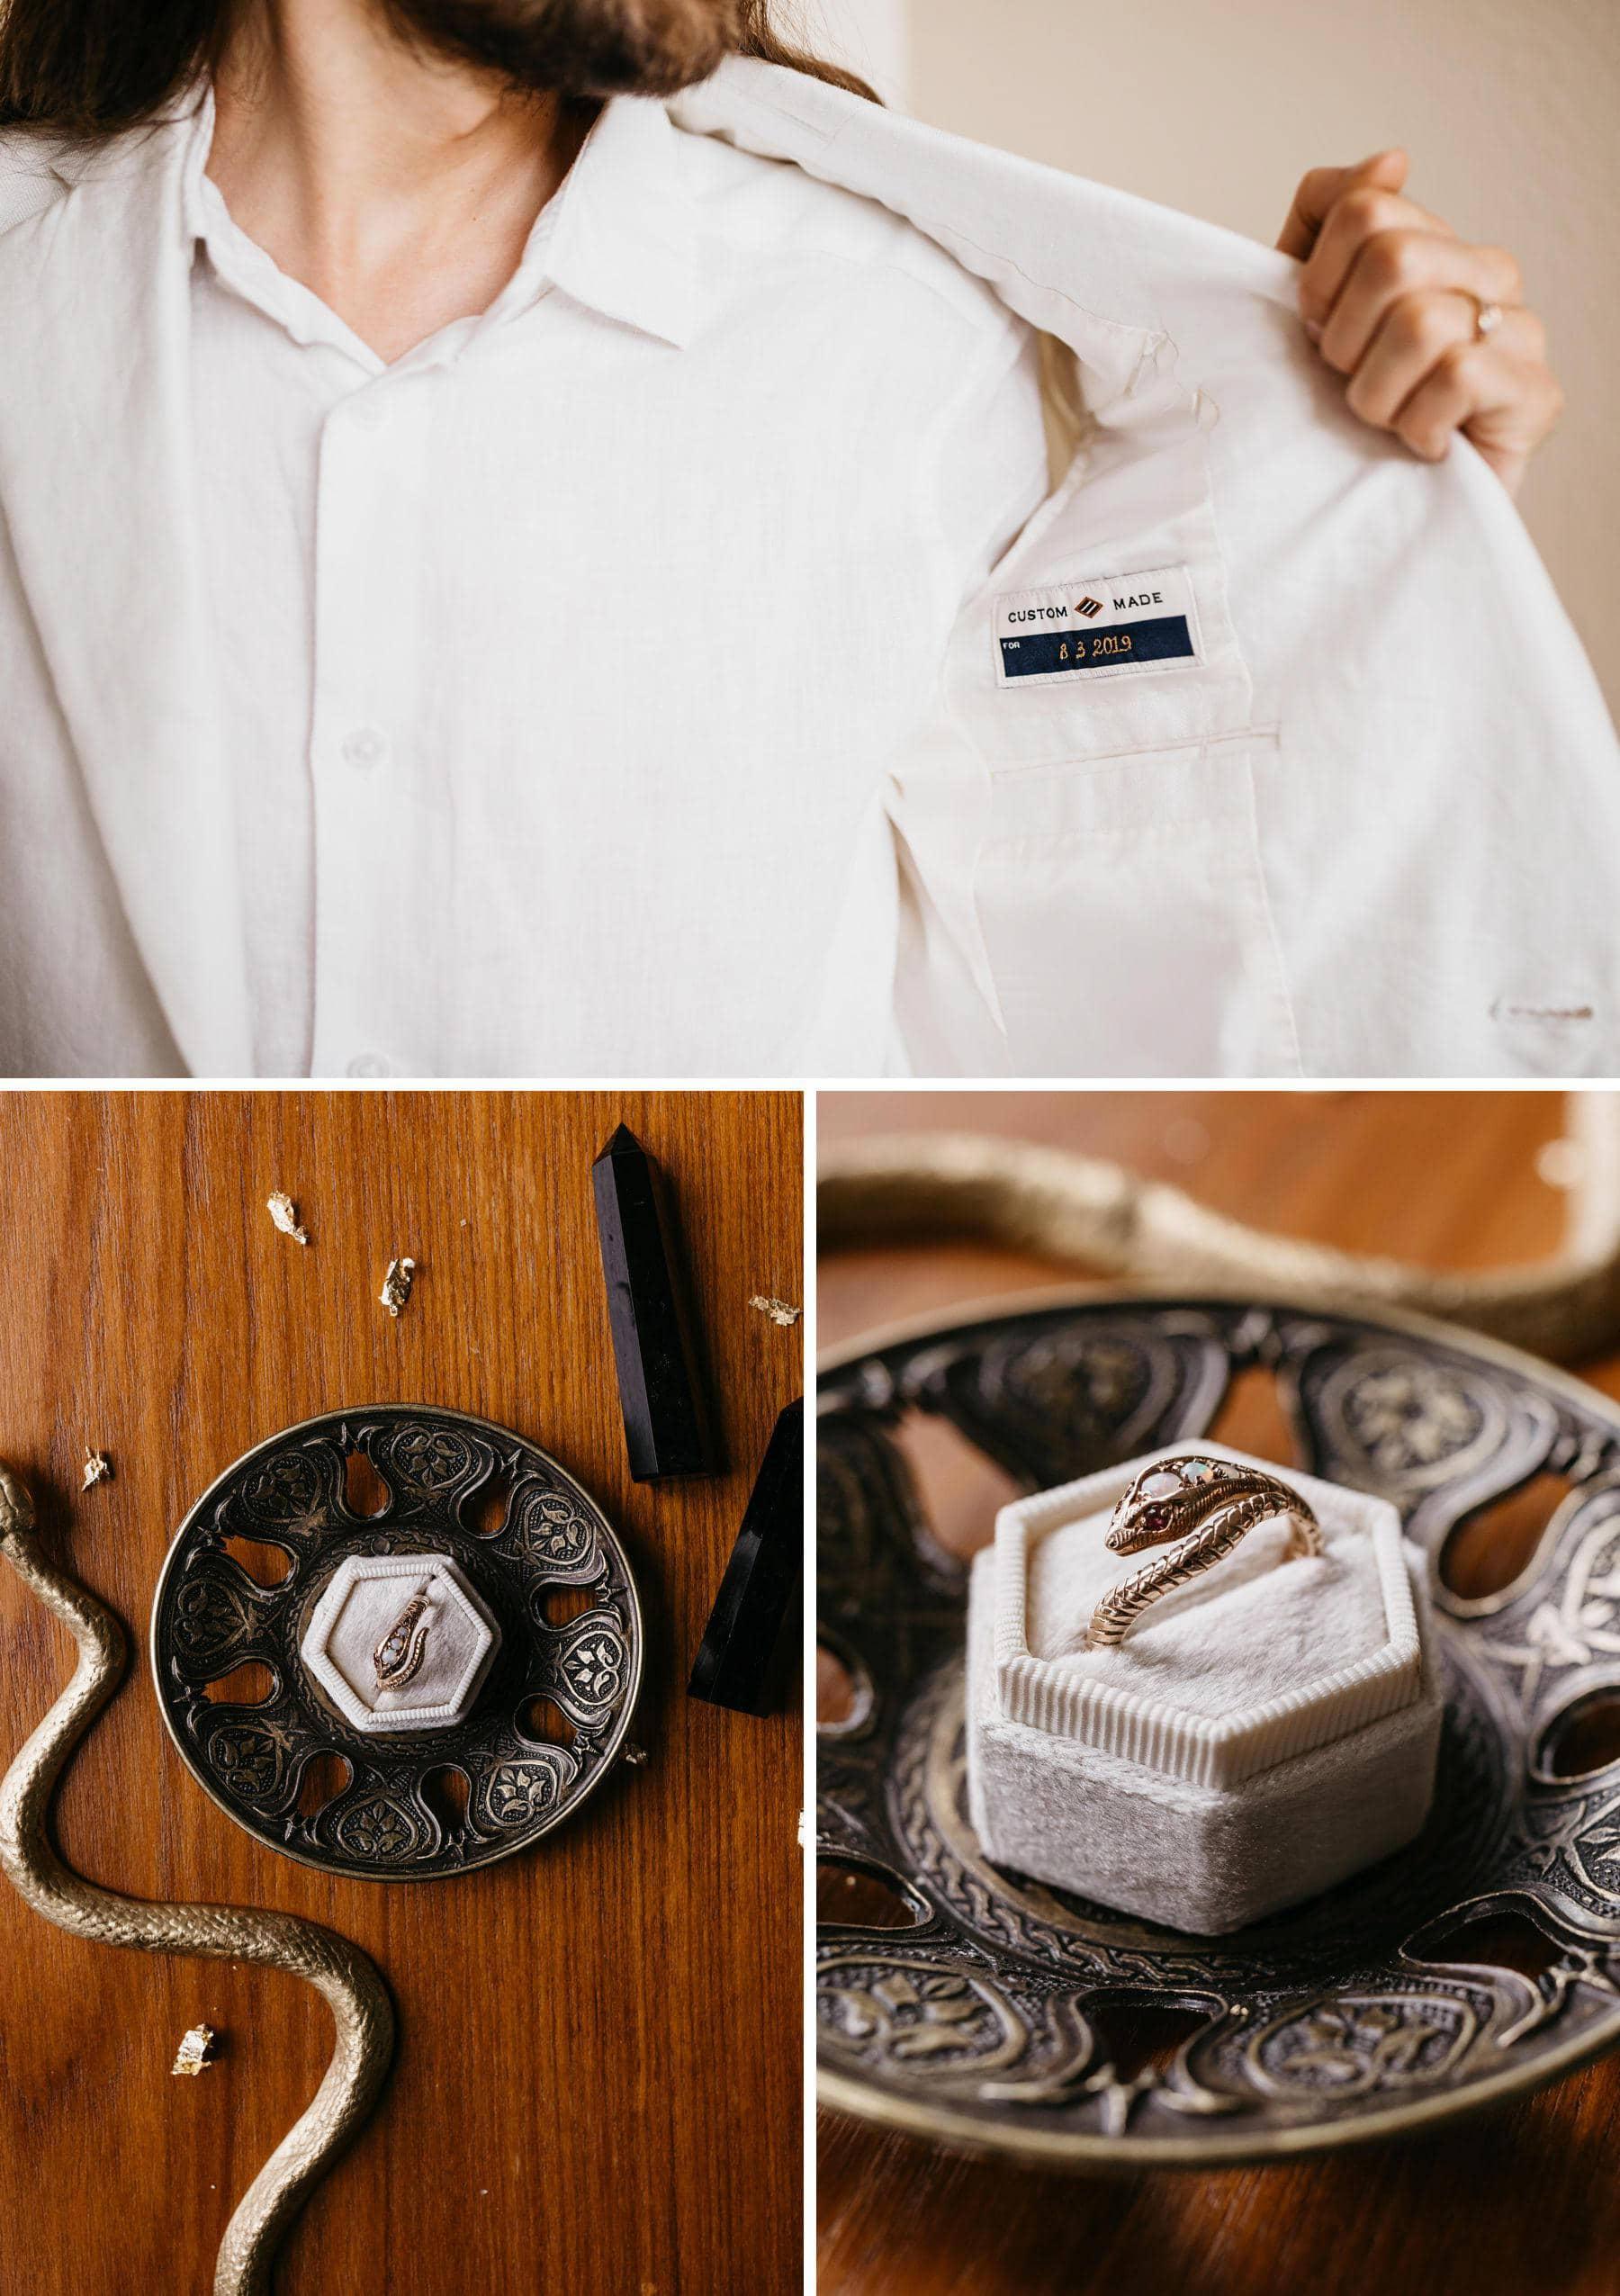 snake wedding ring white groom suit